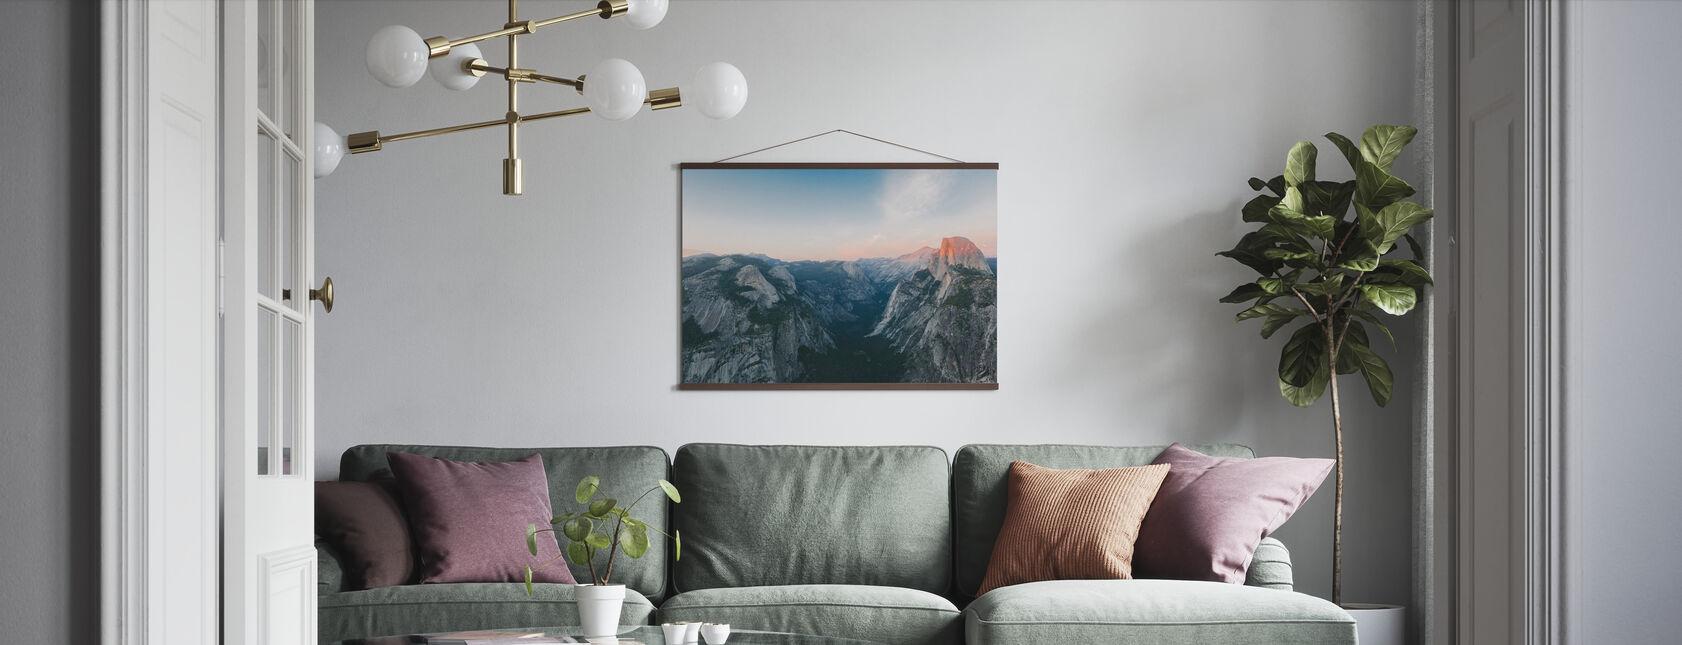 Halva kupol, Yosemite nationalpark - Poster - Vardagsrum